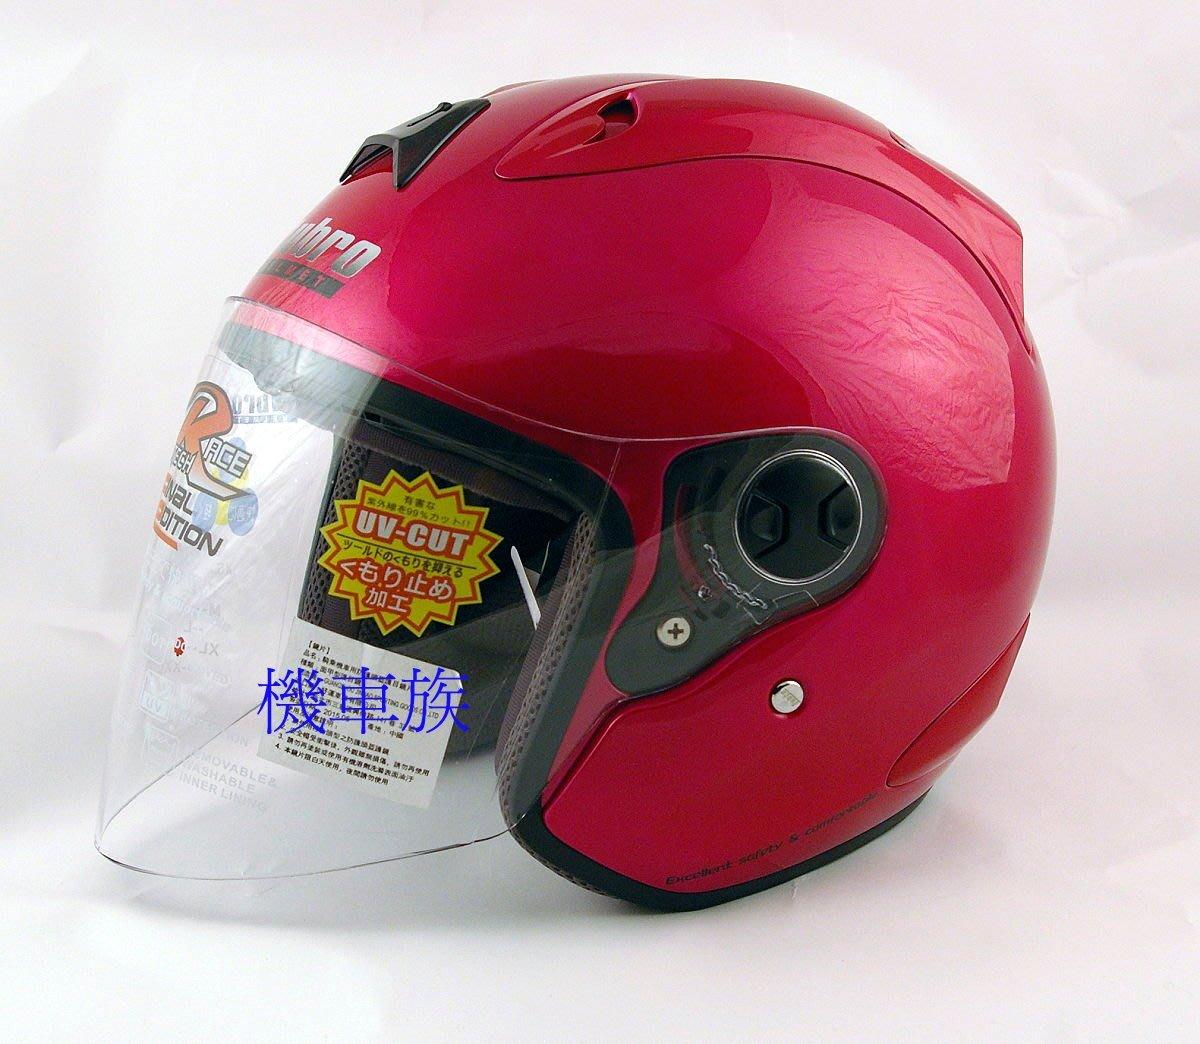 【 機車族 】LUBRO 安全帽 RACE TECH 2 一頂2000元 ( 桃紅色 )送鏡片+免運費